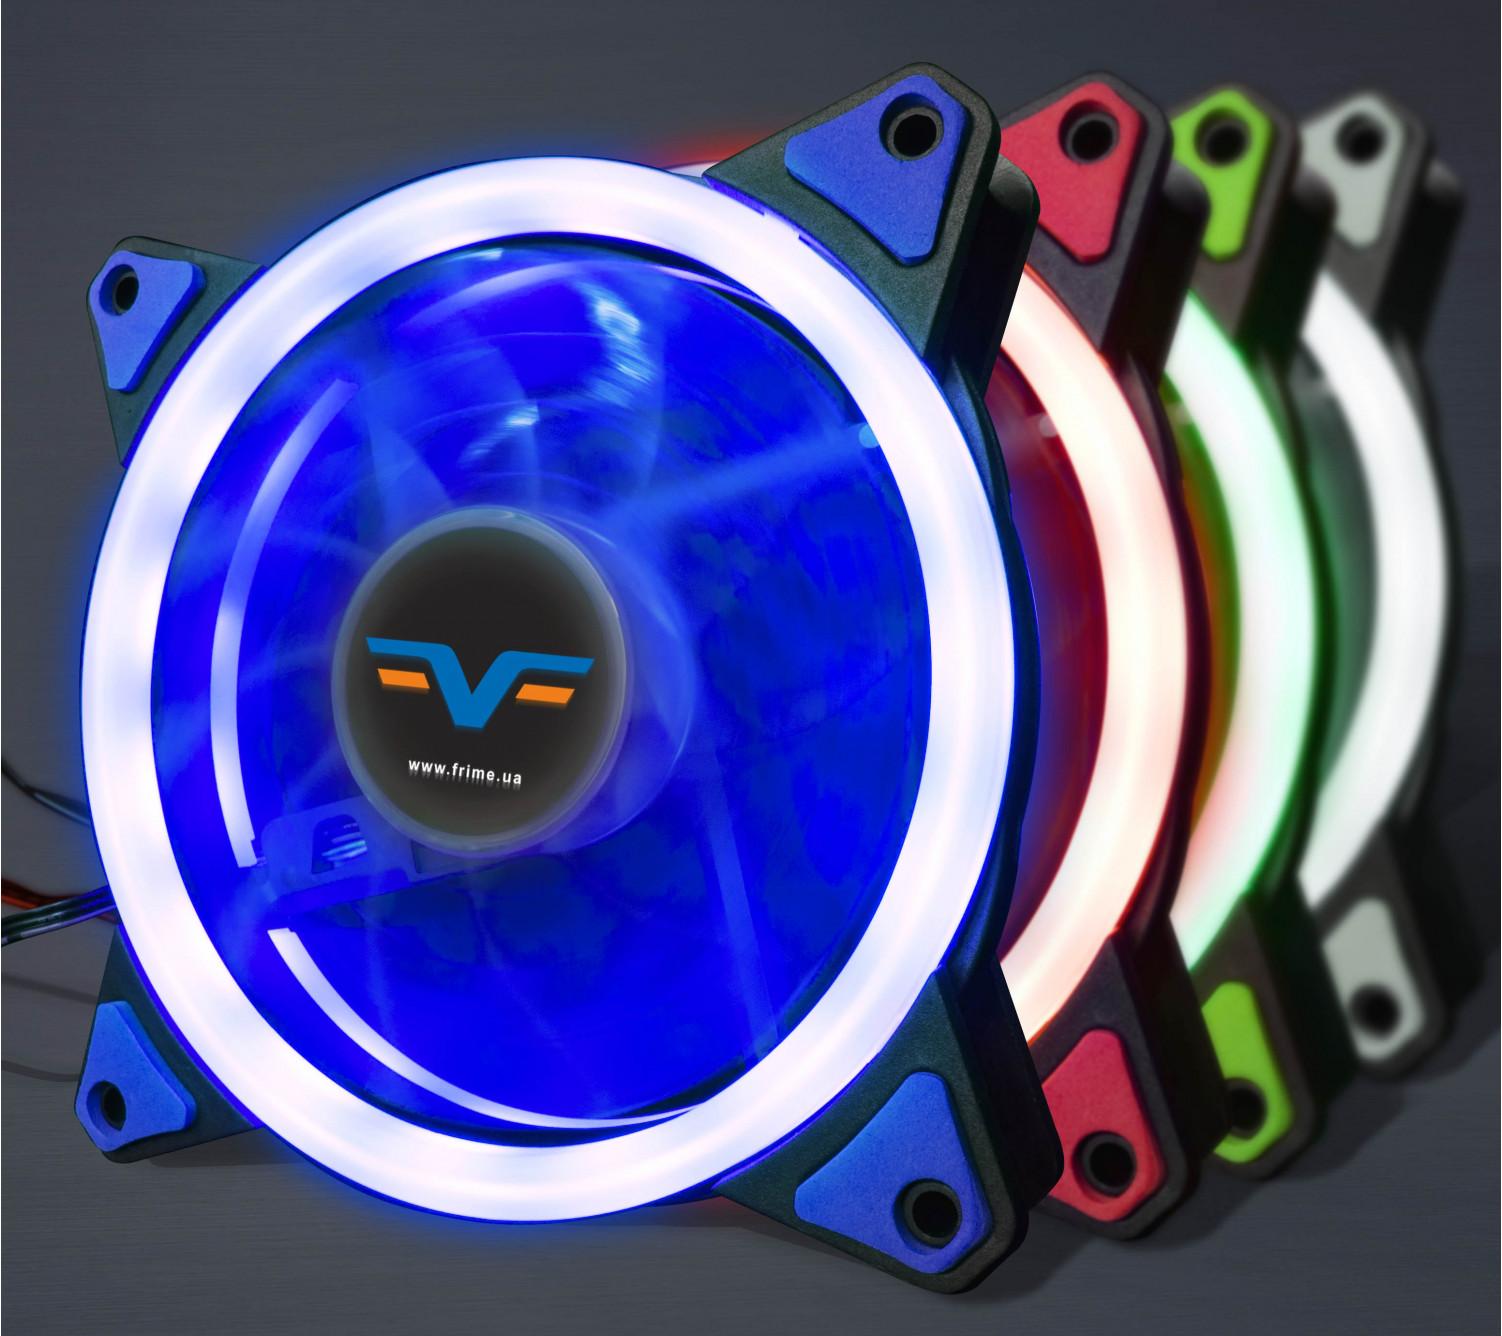 Вентилятор Frime Iris LED Fan Single Ring Blue